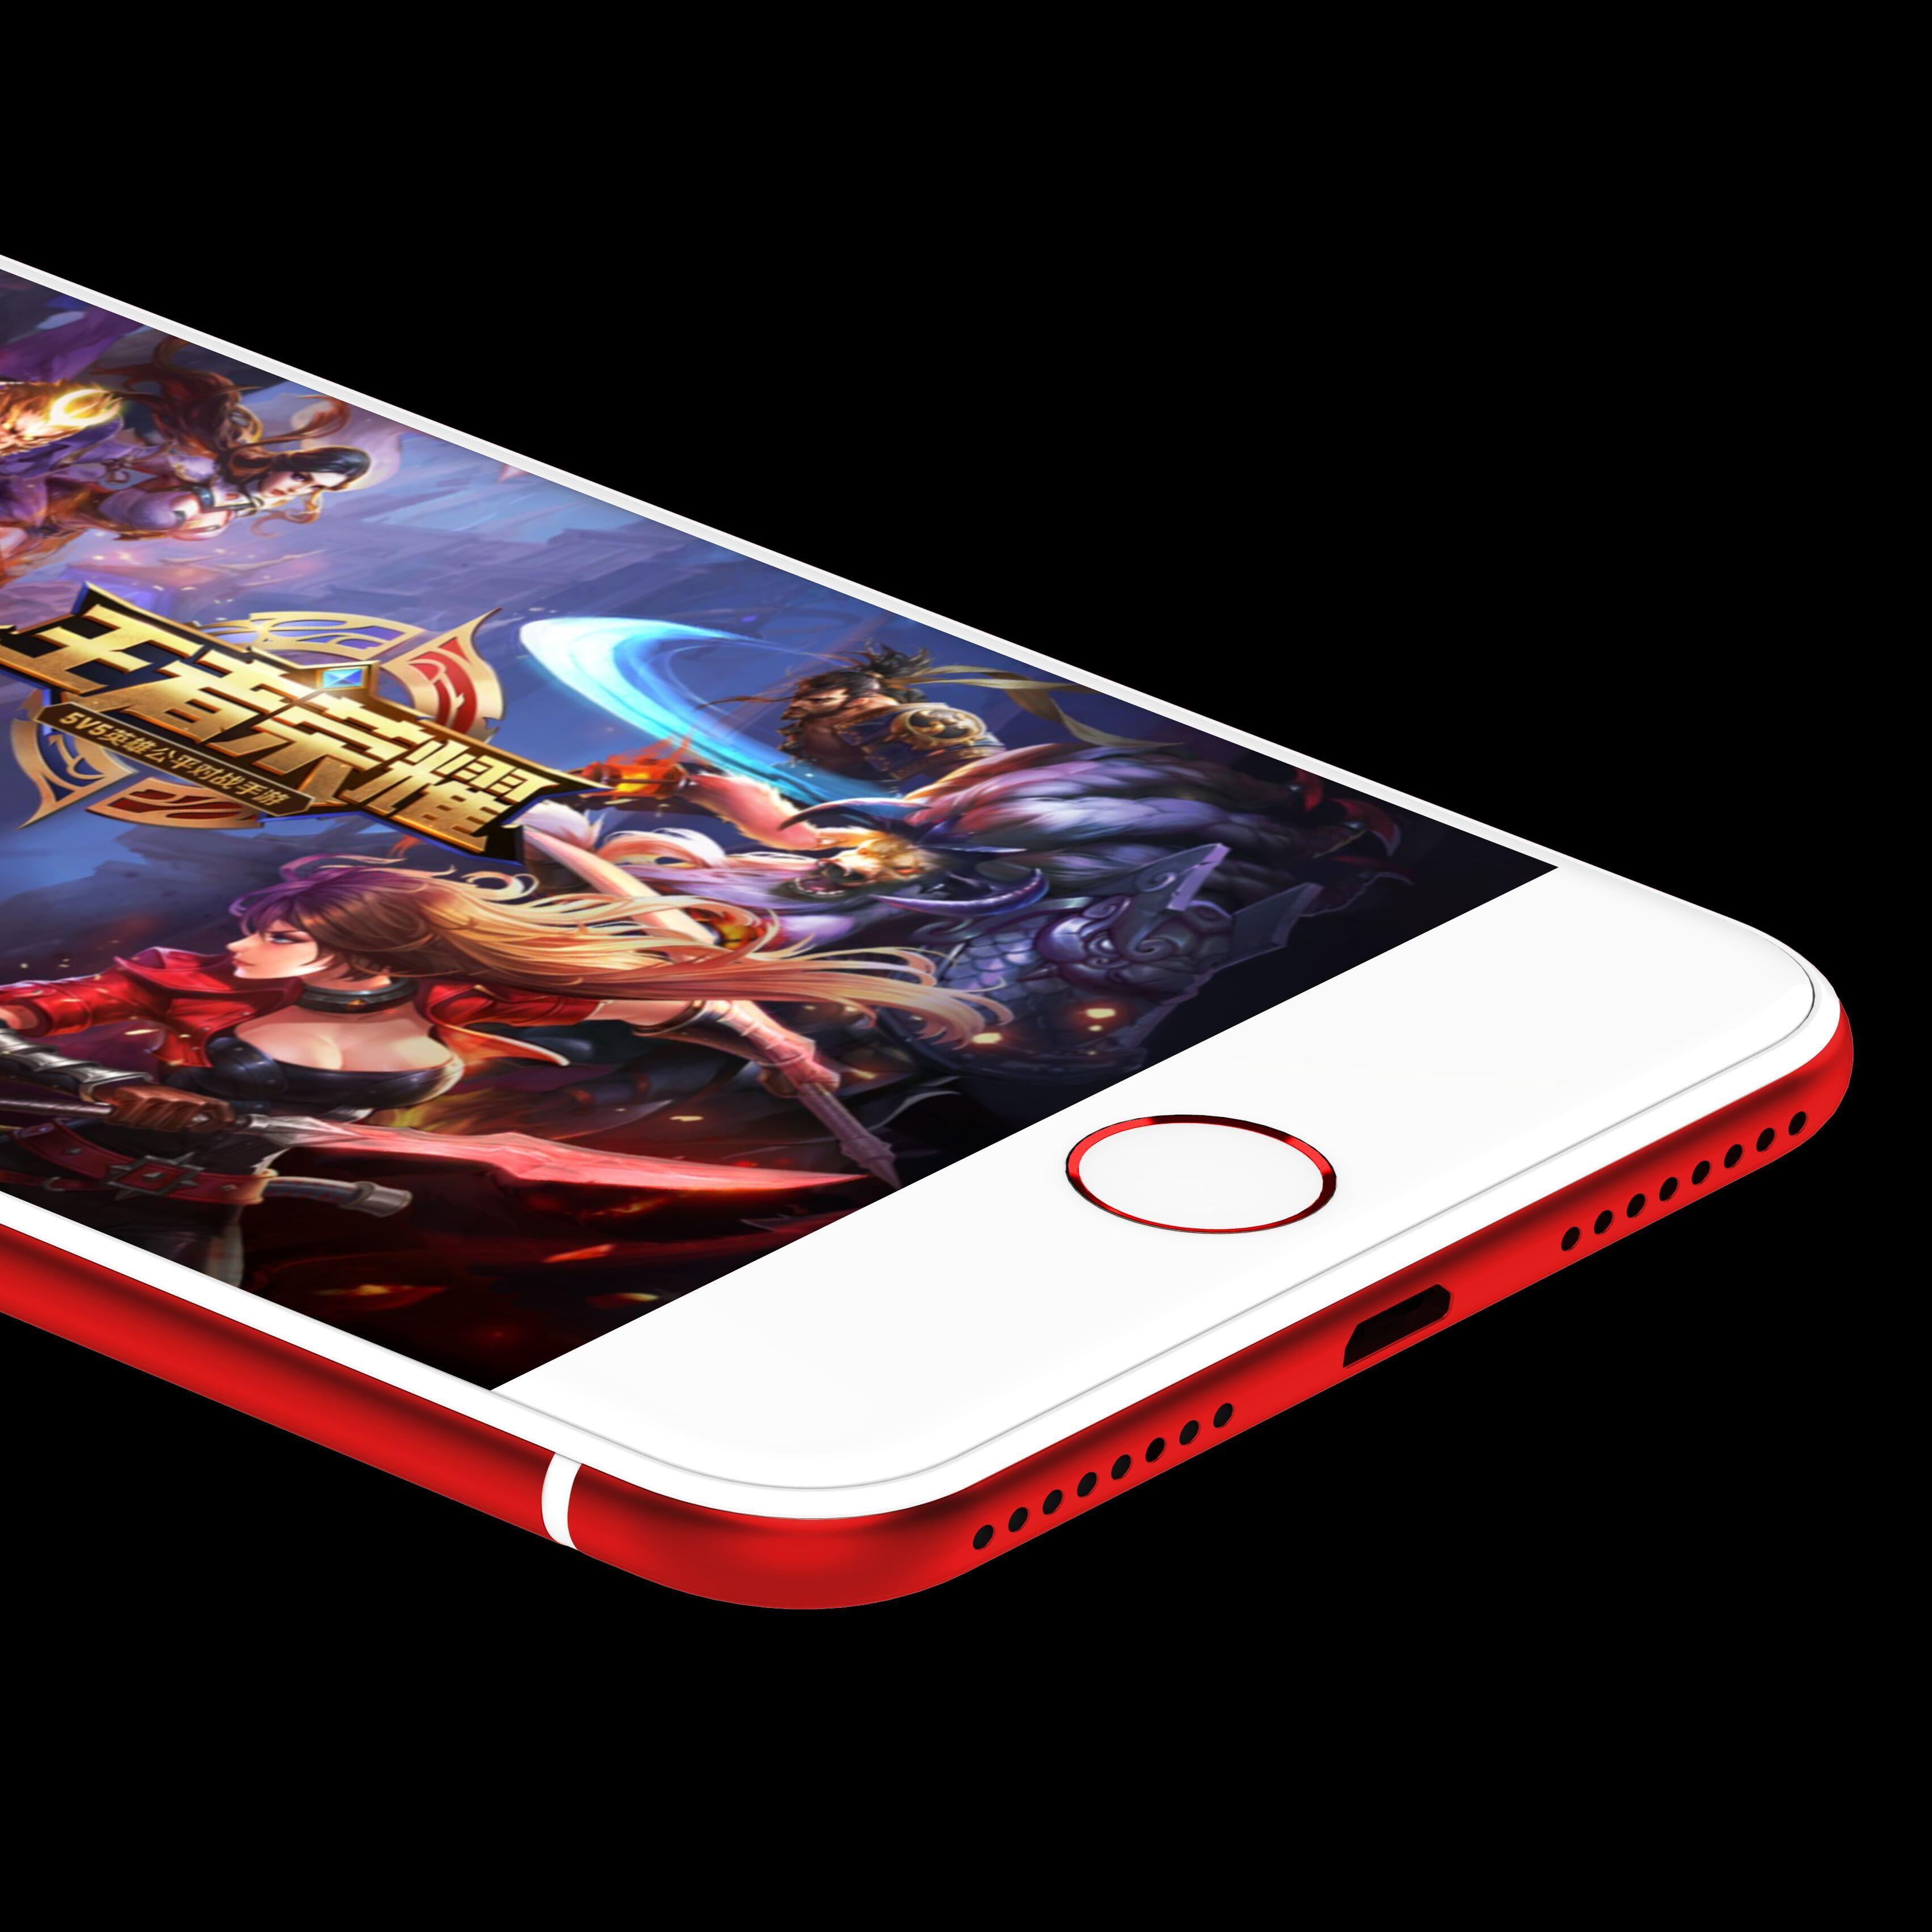 weiimi/唯米 7S全网通5.5寸指纹解锁一体机智能手机500元以下正品